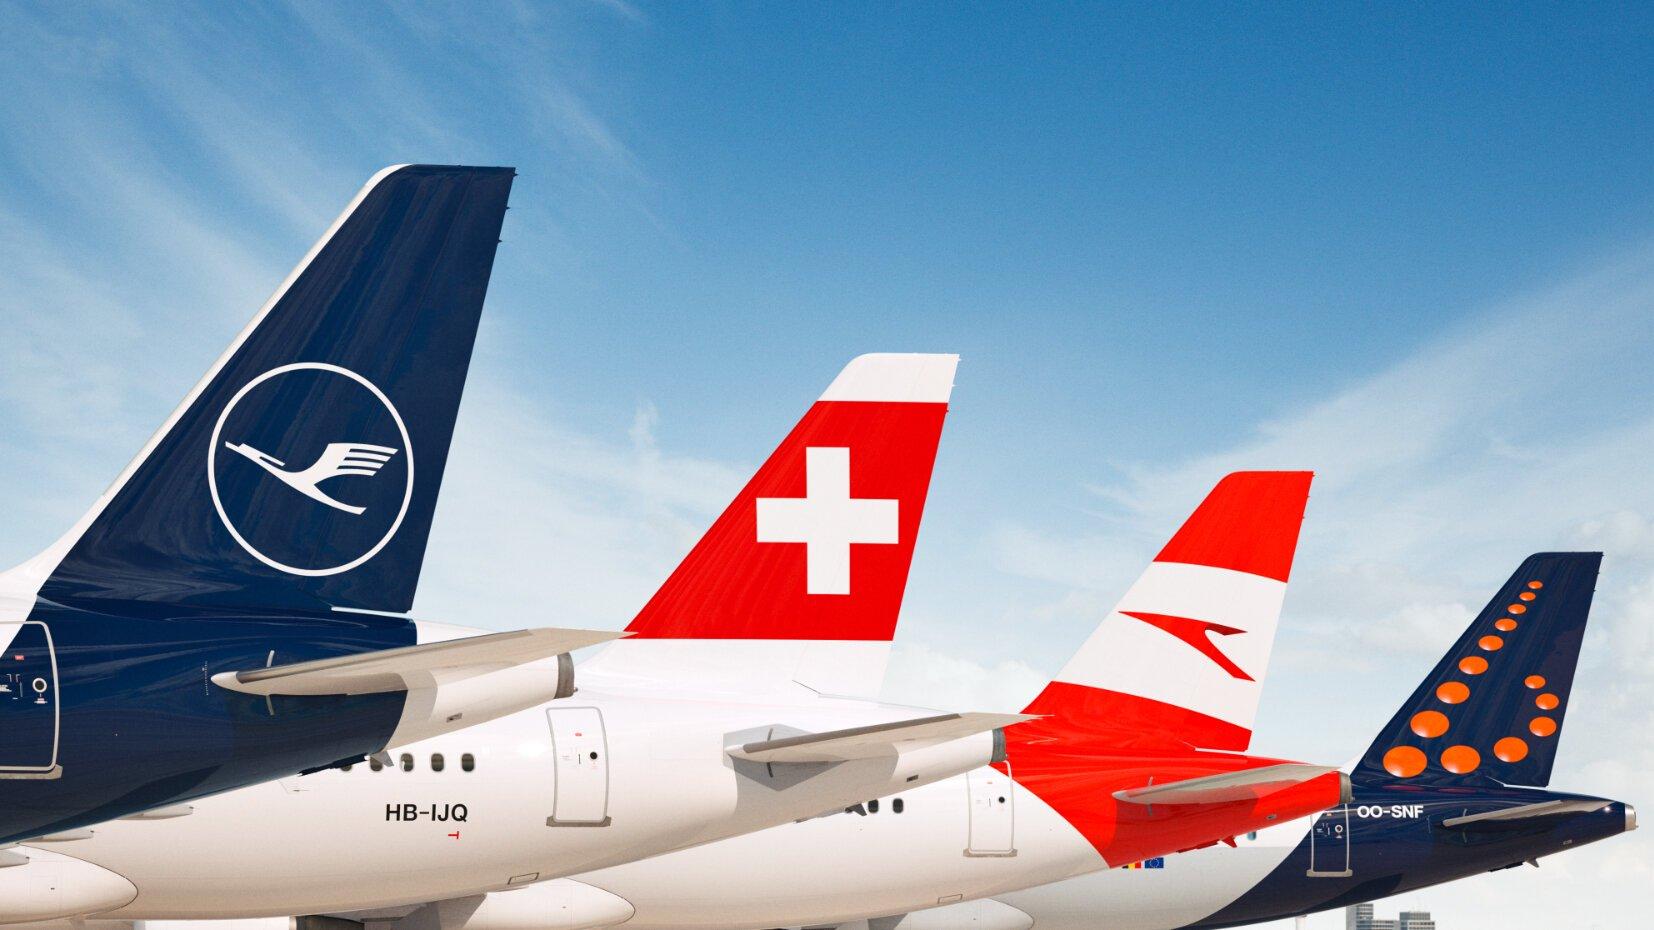 Les compagnies aériennes du groupe Lufthansa étendent le calendrier de leurs vols jusqu'en septembre